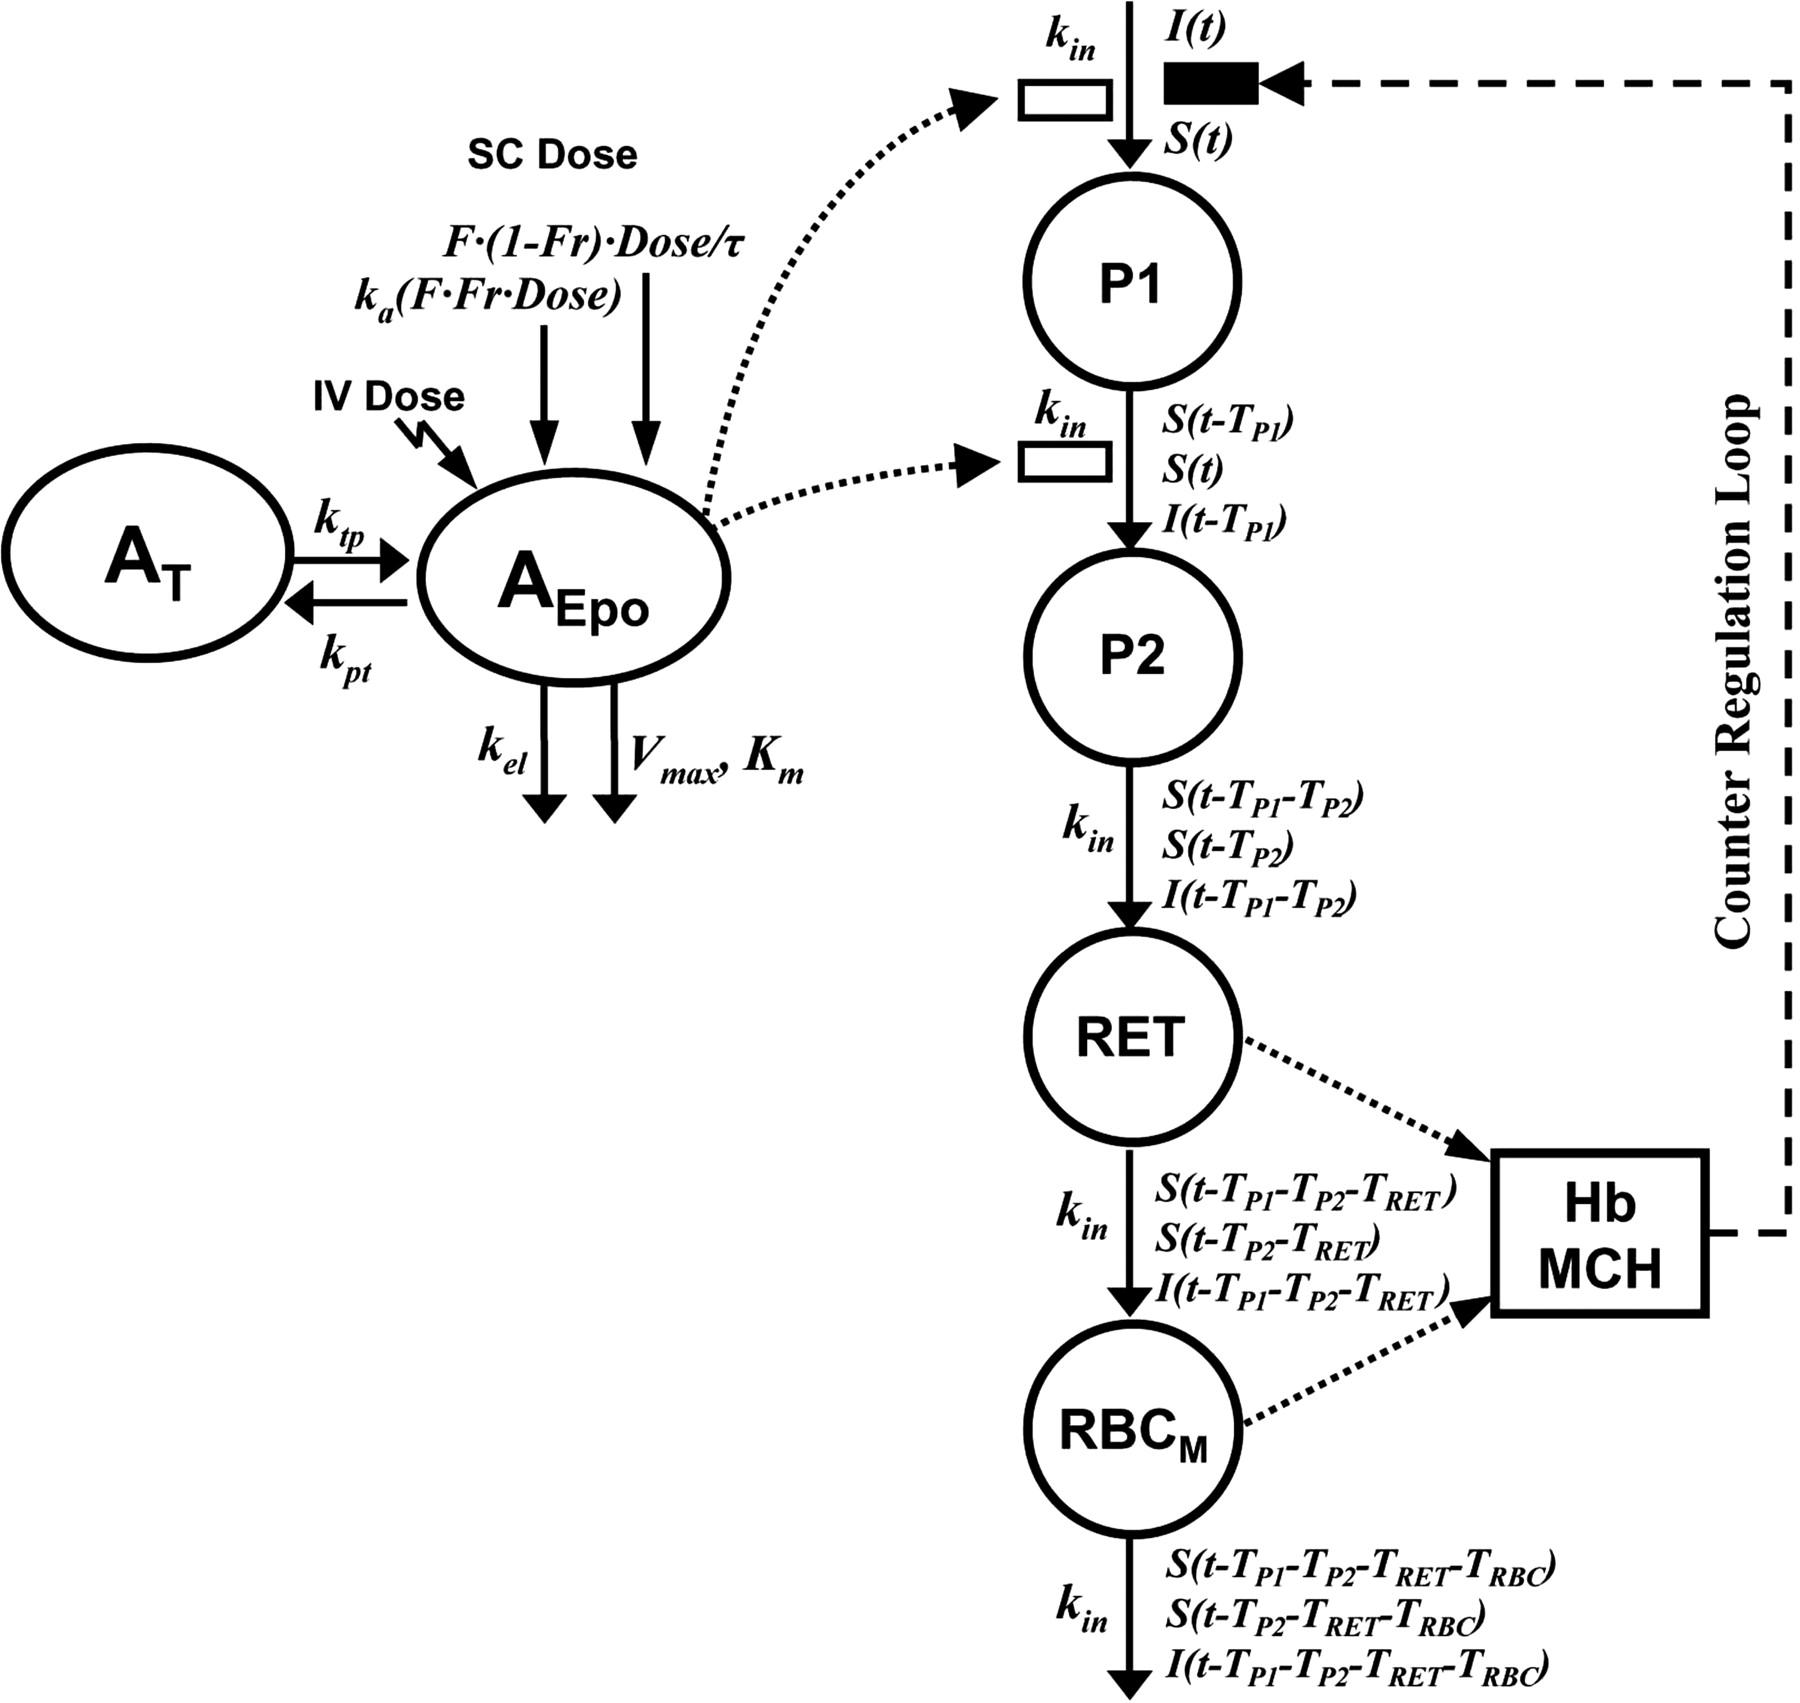 Pharmacokinetic and Pharmacodynamic Modeling of